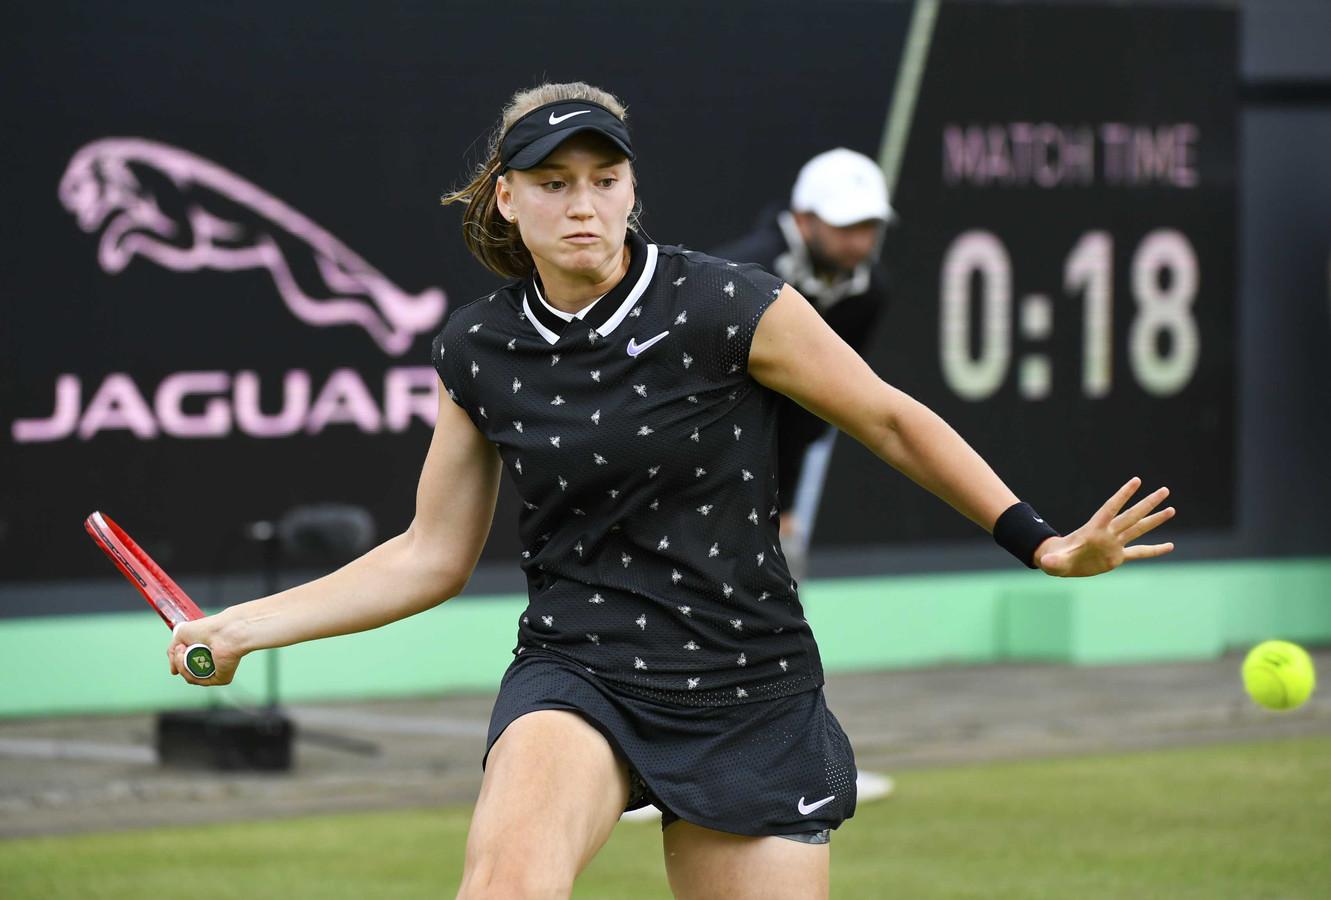 Elena Rybakina (Kazachstan).